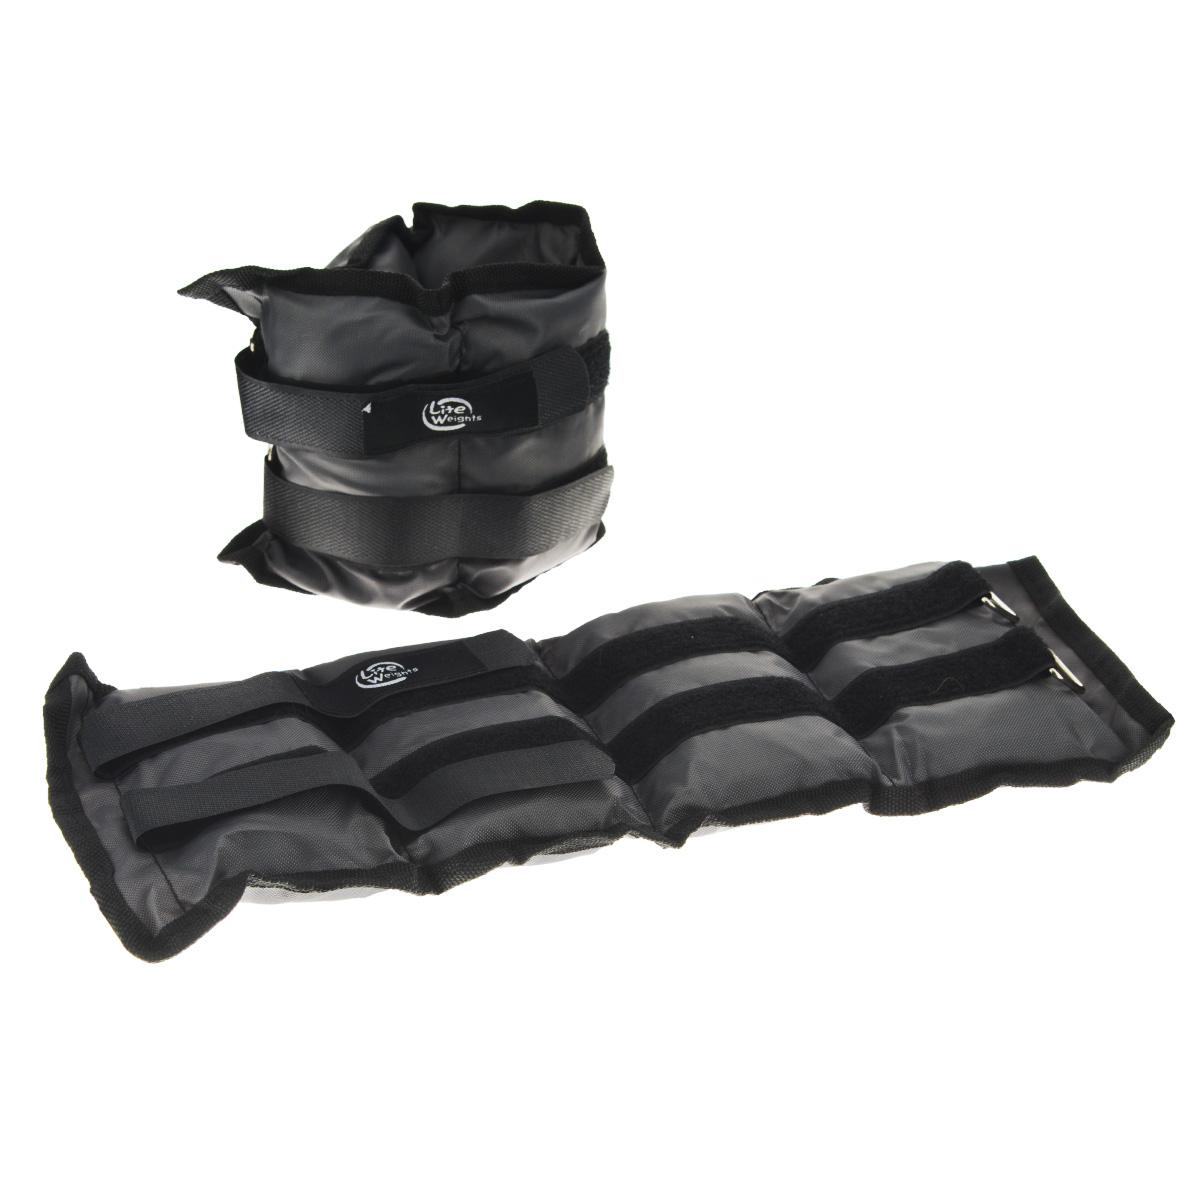 Утяжелители нейлоновые Lite Weights, 2 шт, 1,5 кг5863WCУтяжелители Lite Weights легко фиксируются при помощи крепежного ремешка на липучке. Они изготовлены из нейлона и наполнены металлической стружкой и песком. Идеальны в использовании при беге трусцой, занятиях аэробикой, оздоровительной гимнастикой и фитнесом.